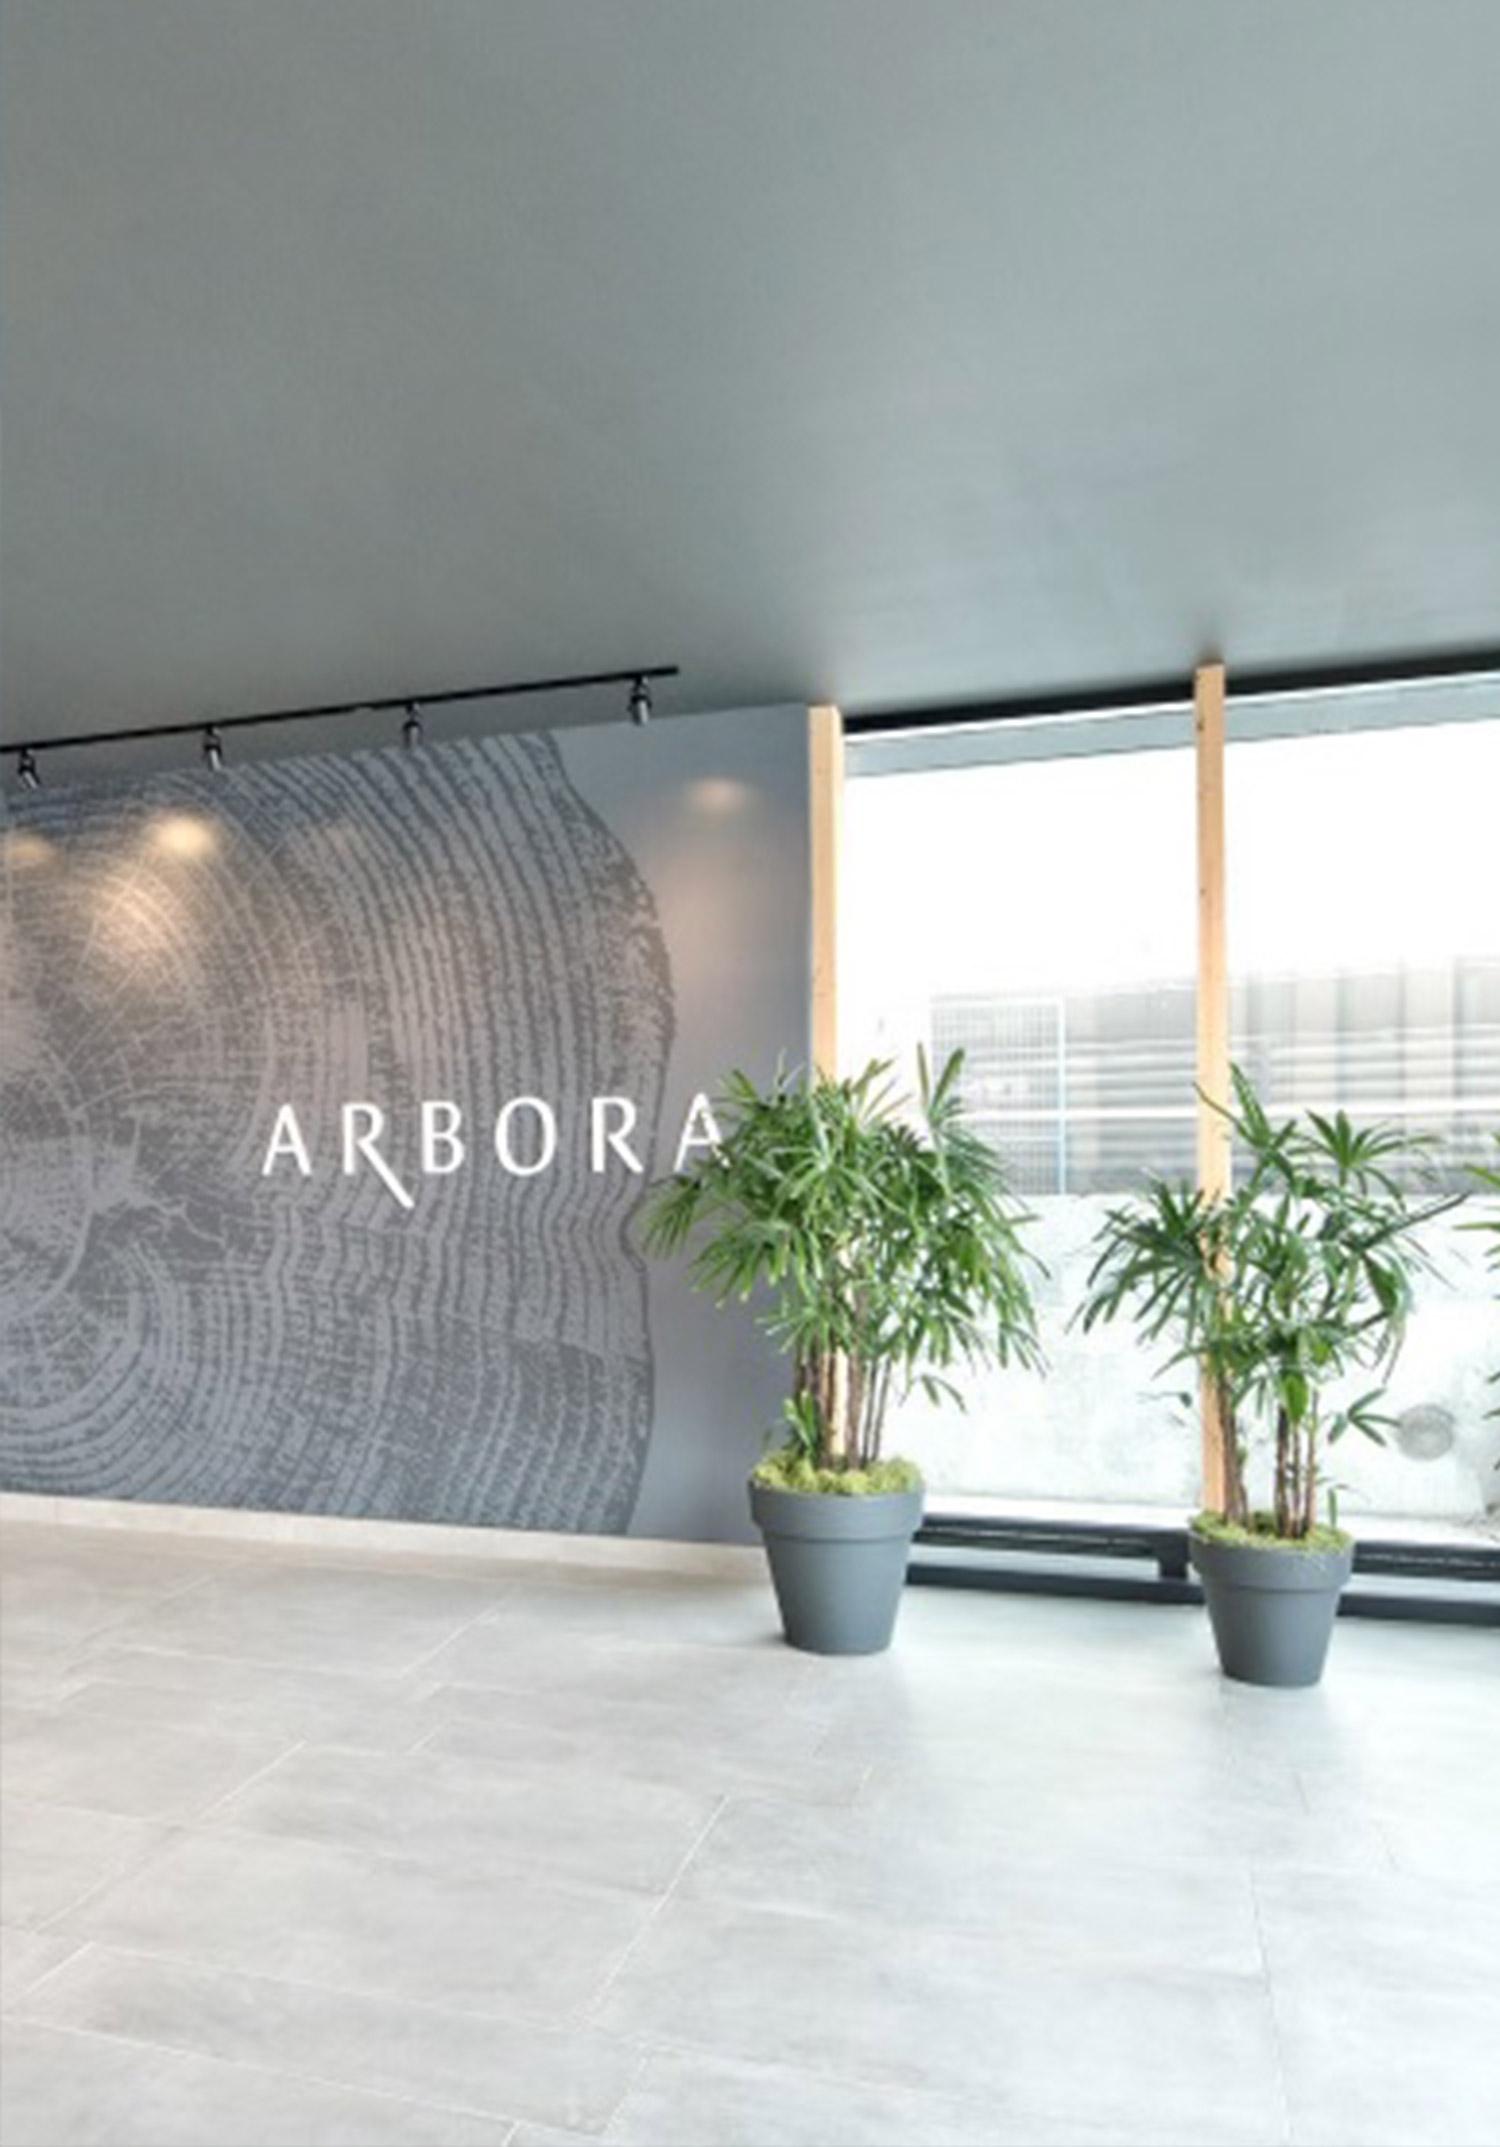 Arbora Retail